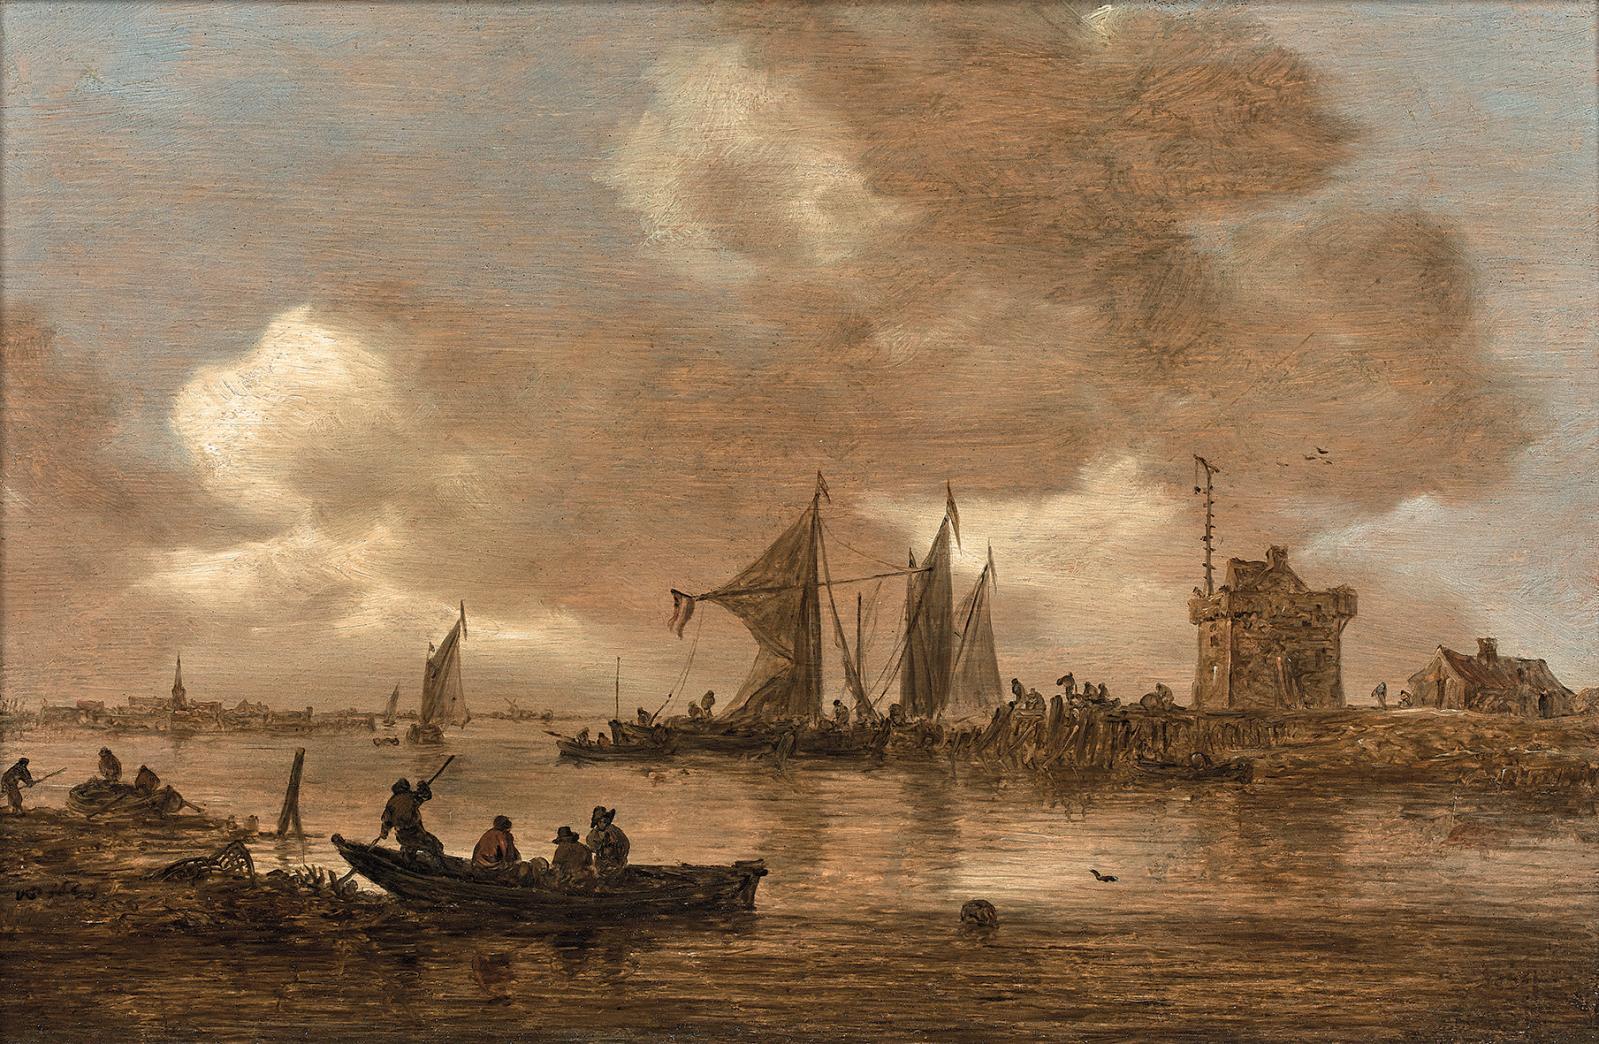 La peinture ancienne sera également présente à Cannes avec ce paysage maritime de Jan vanGoyen(1596-1656), montrant un Estuaire de riviè